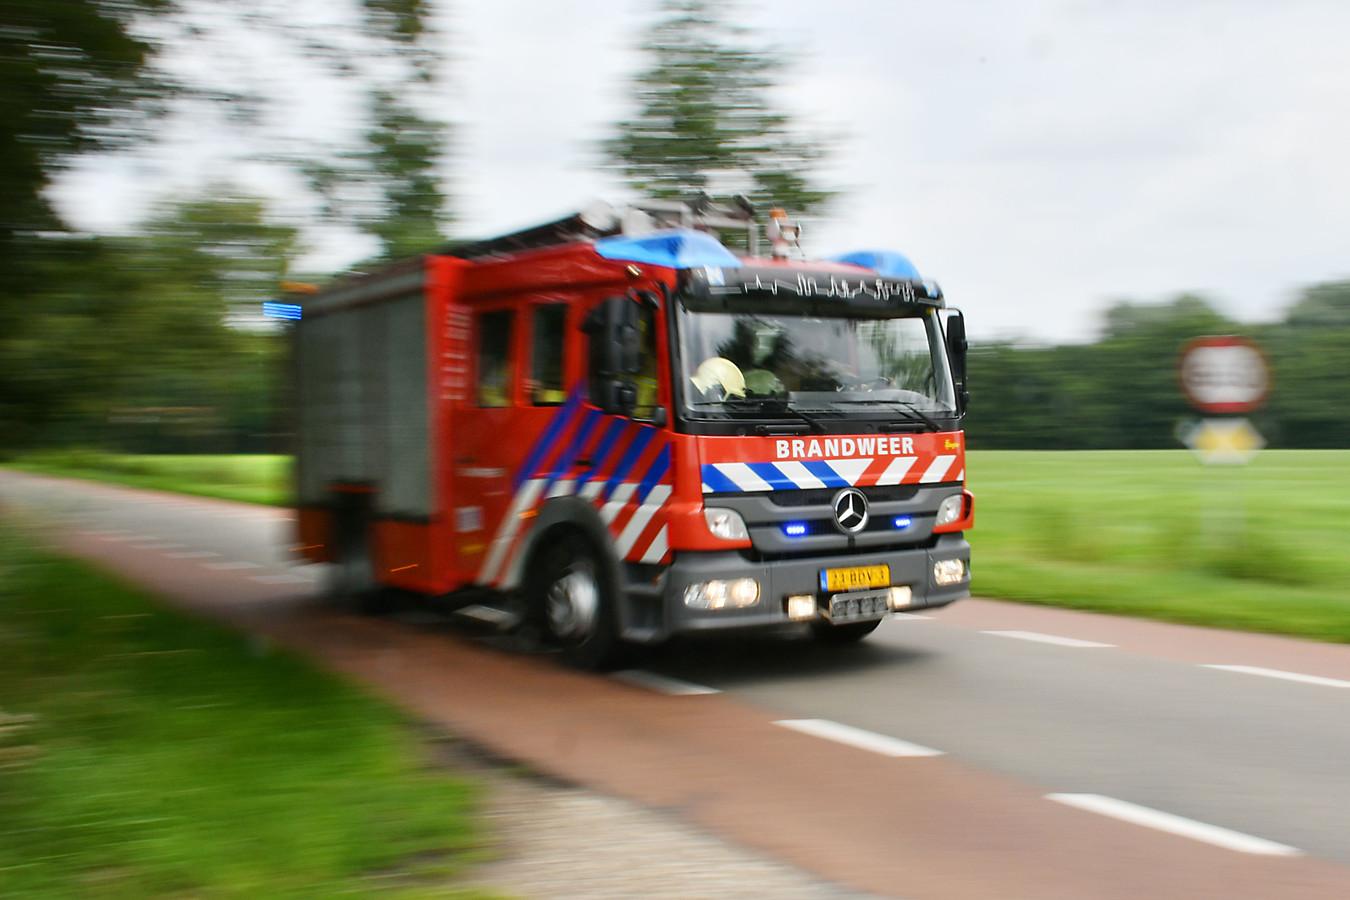 Brandweer stock brand brandweerkazerne uitruk zwaailicht tankautospuit brandweerman buitengebied twente 112 - Stock - Gebruik vrij DPG Media  Foto Carlo ter Ellen DPG Media CTE20210720